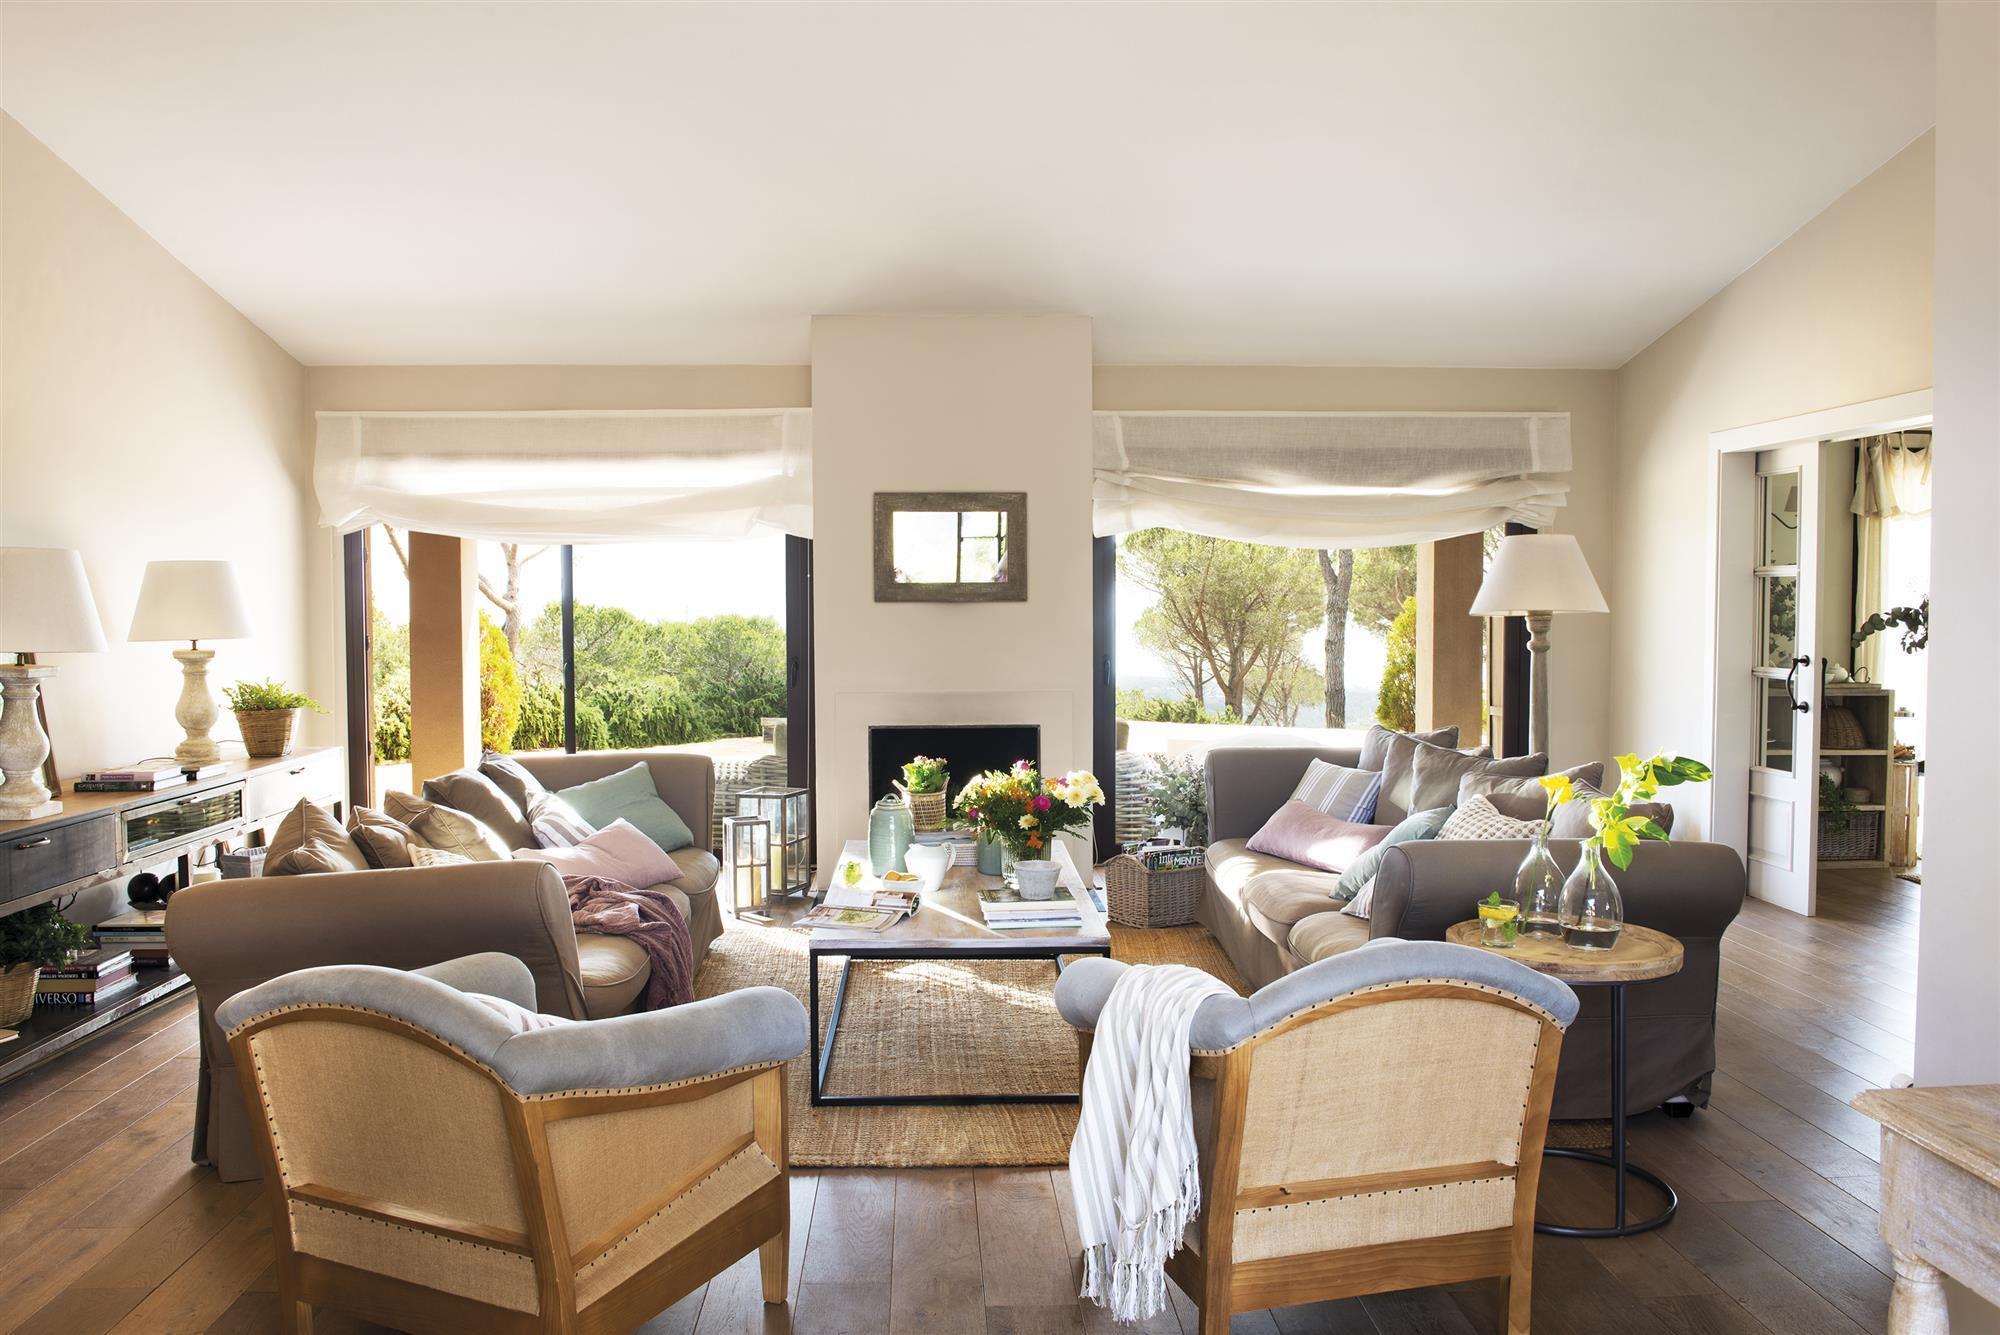 гостиная французские двери римские шторы мягкая мебель кресла камин